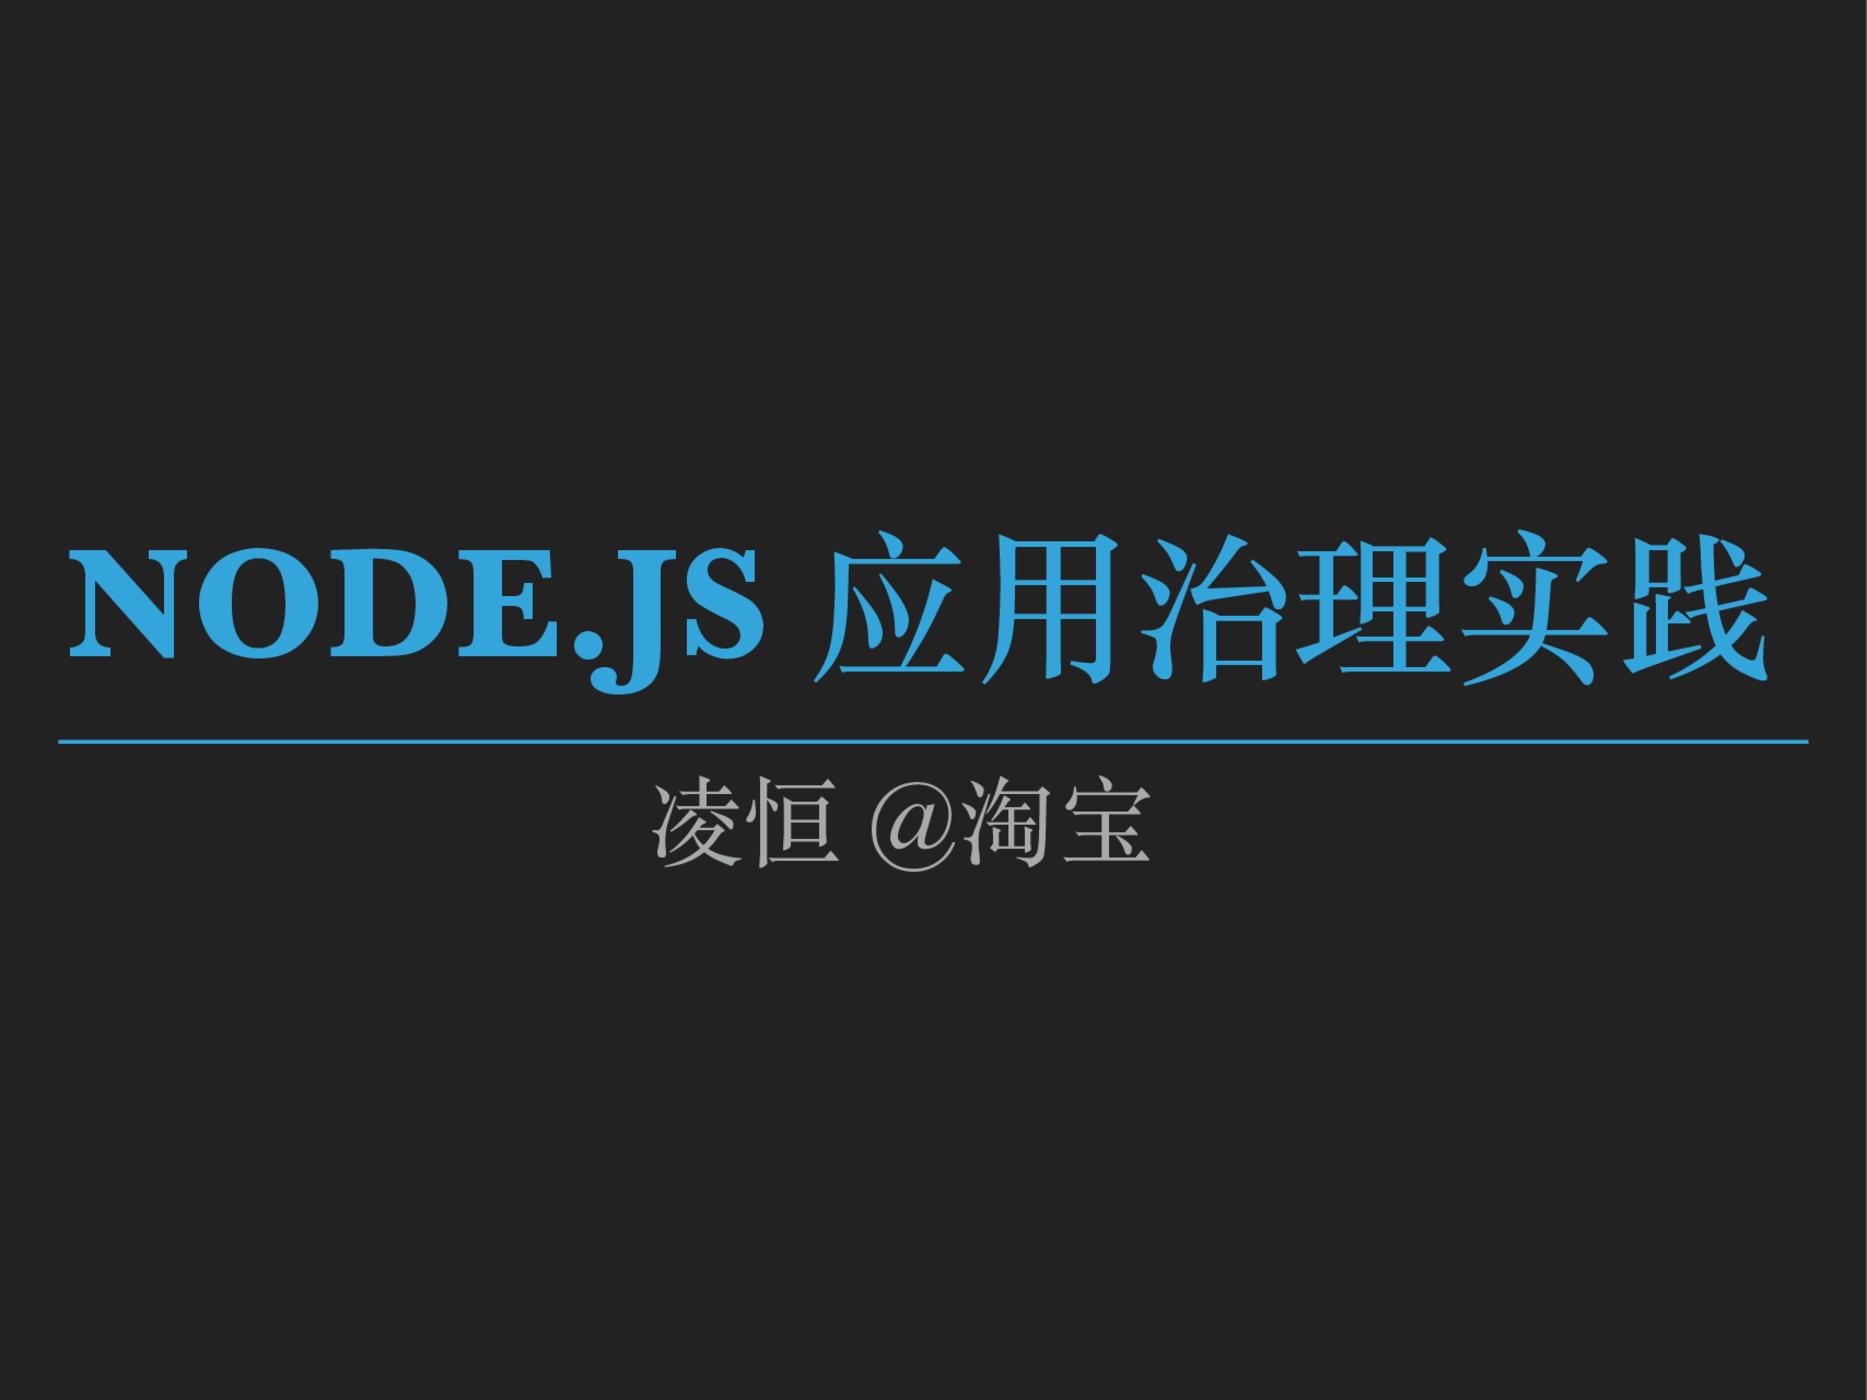 Node.js应用治理实践